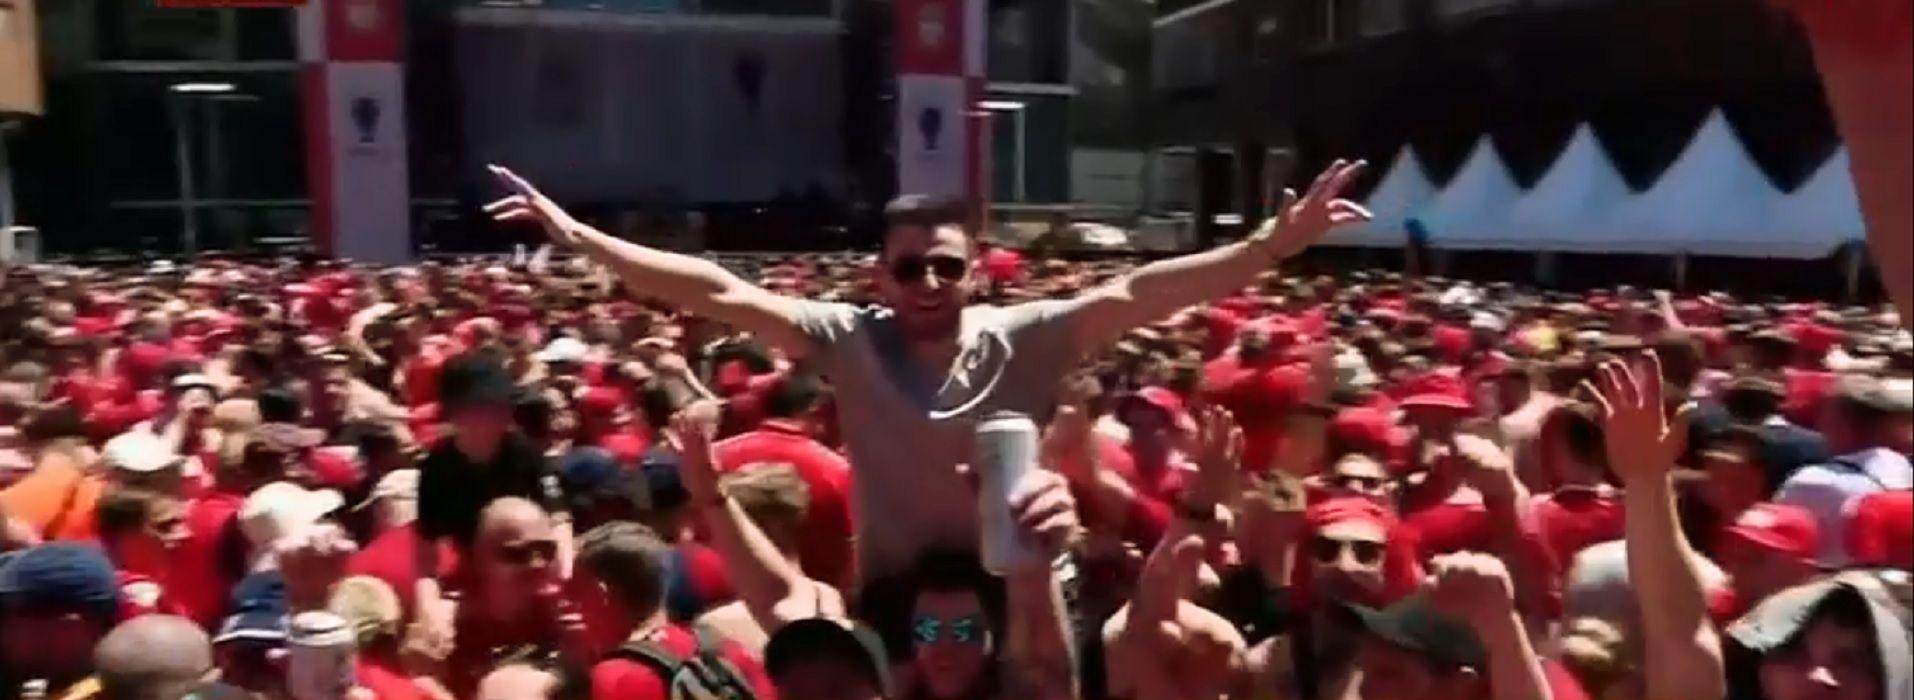 La final de la Champions: los hinchas de Liverpool alientan al ritmo de Dale alegría a mi corazón